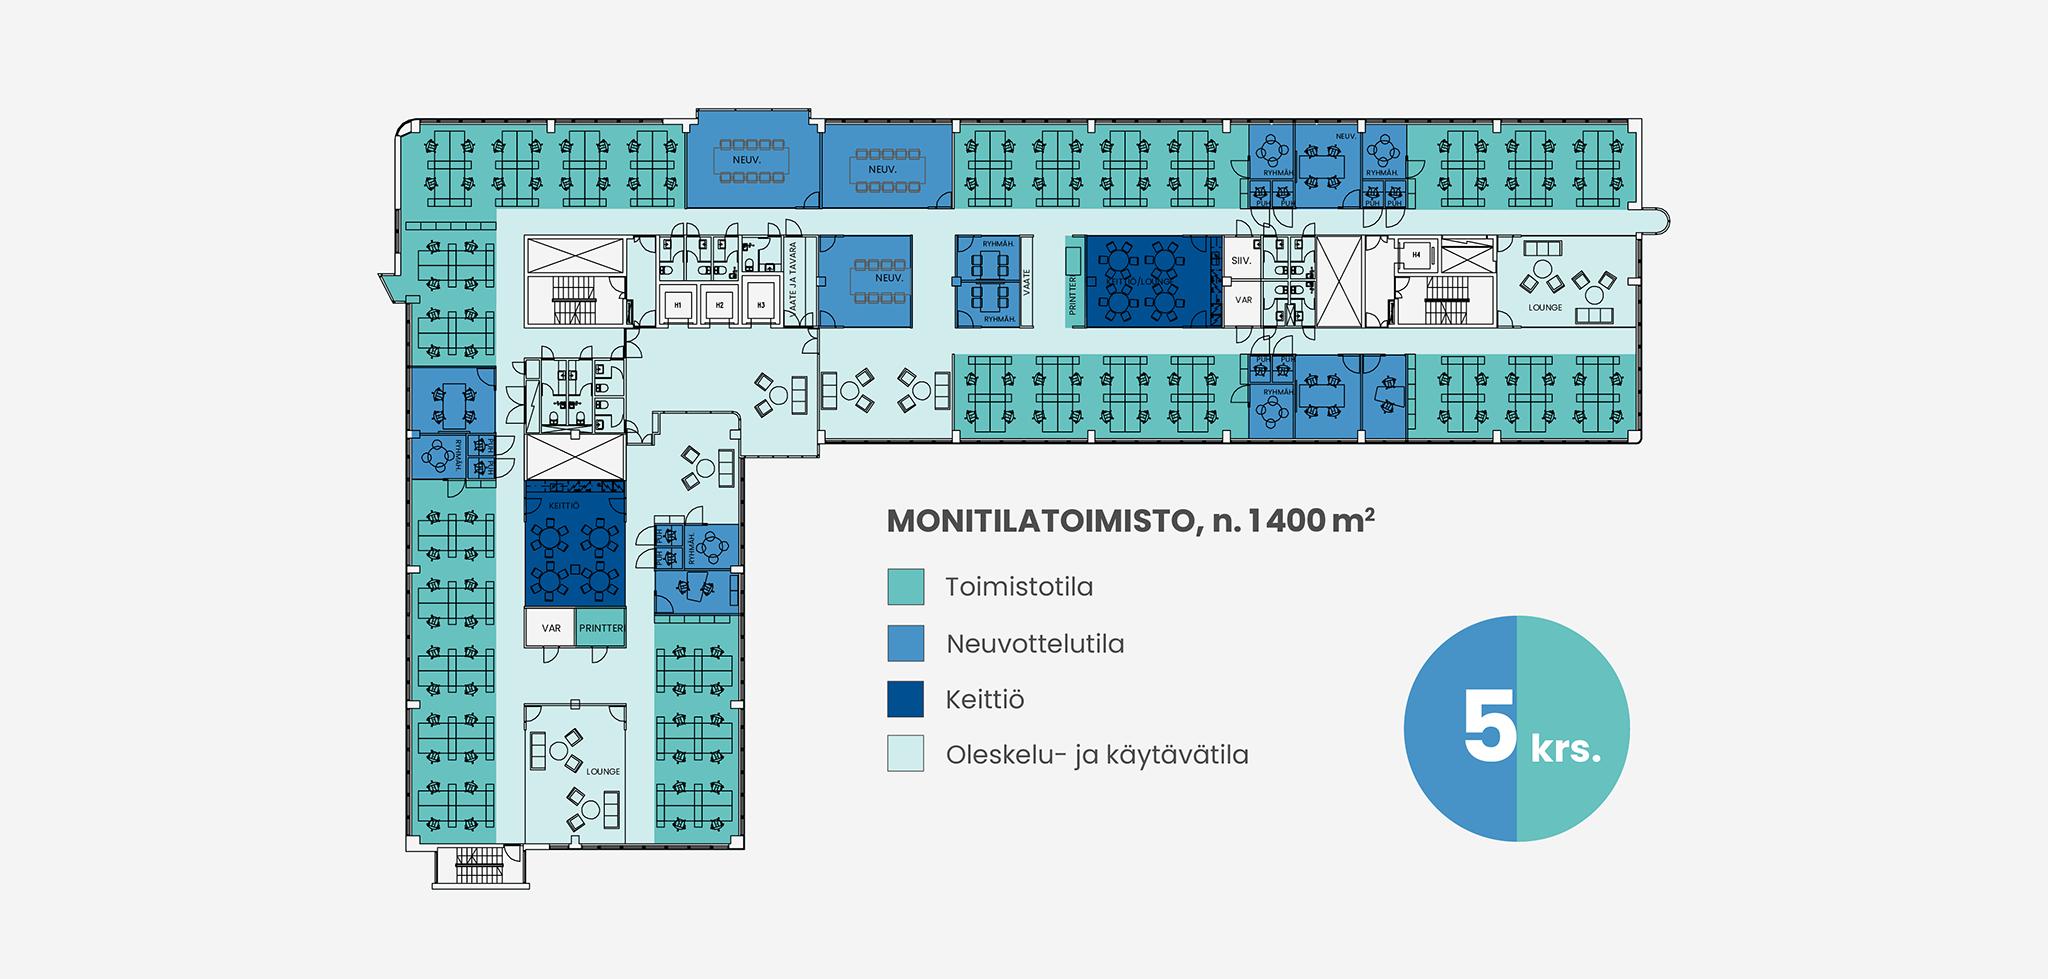 Pohjakuva 1400 neliömetrin monitilatoimistosta Piispanportti 10:ssä